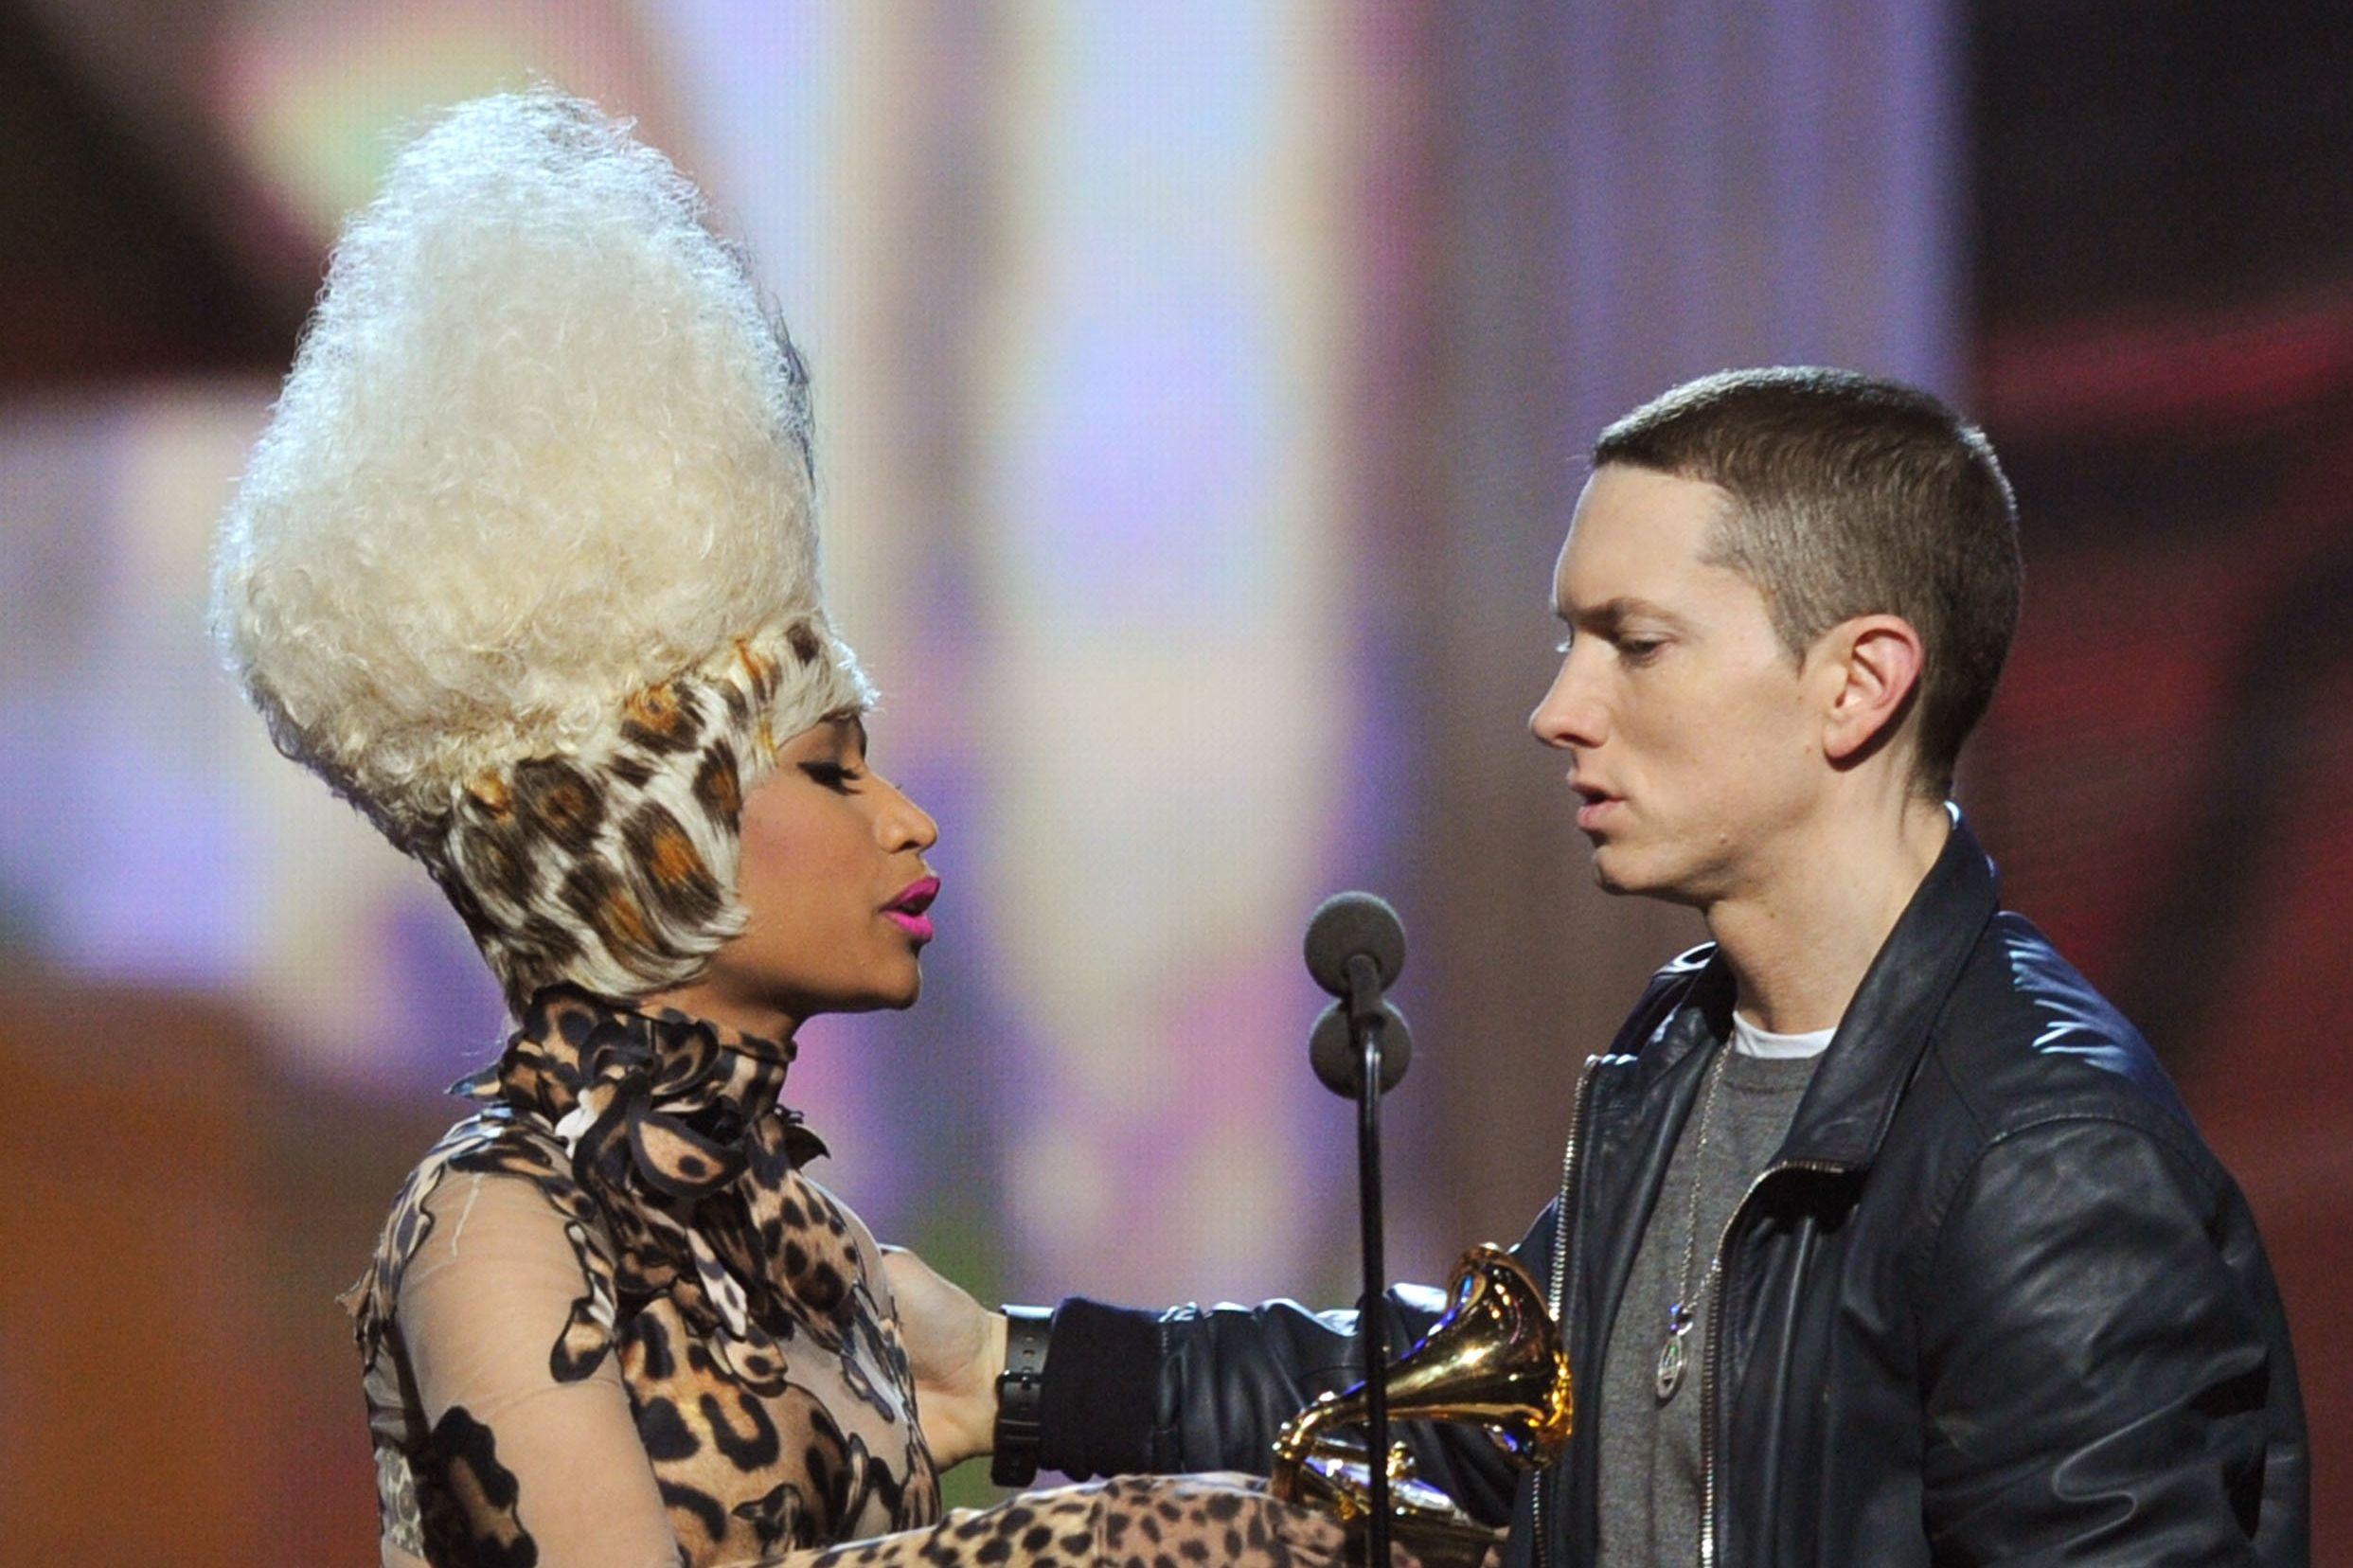 Afinal, 'namoro' de Nicki Minaj e Eminem foi um golpe de marketing